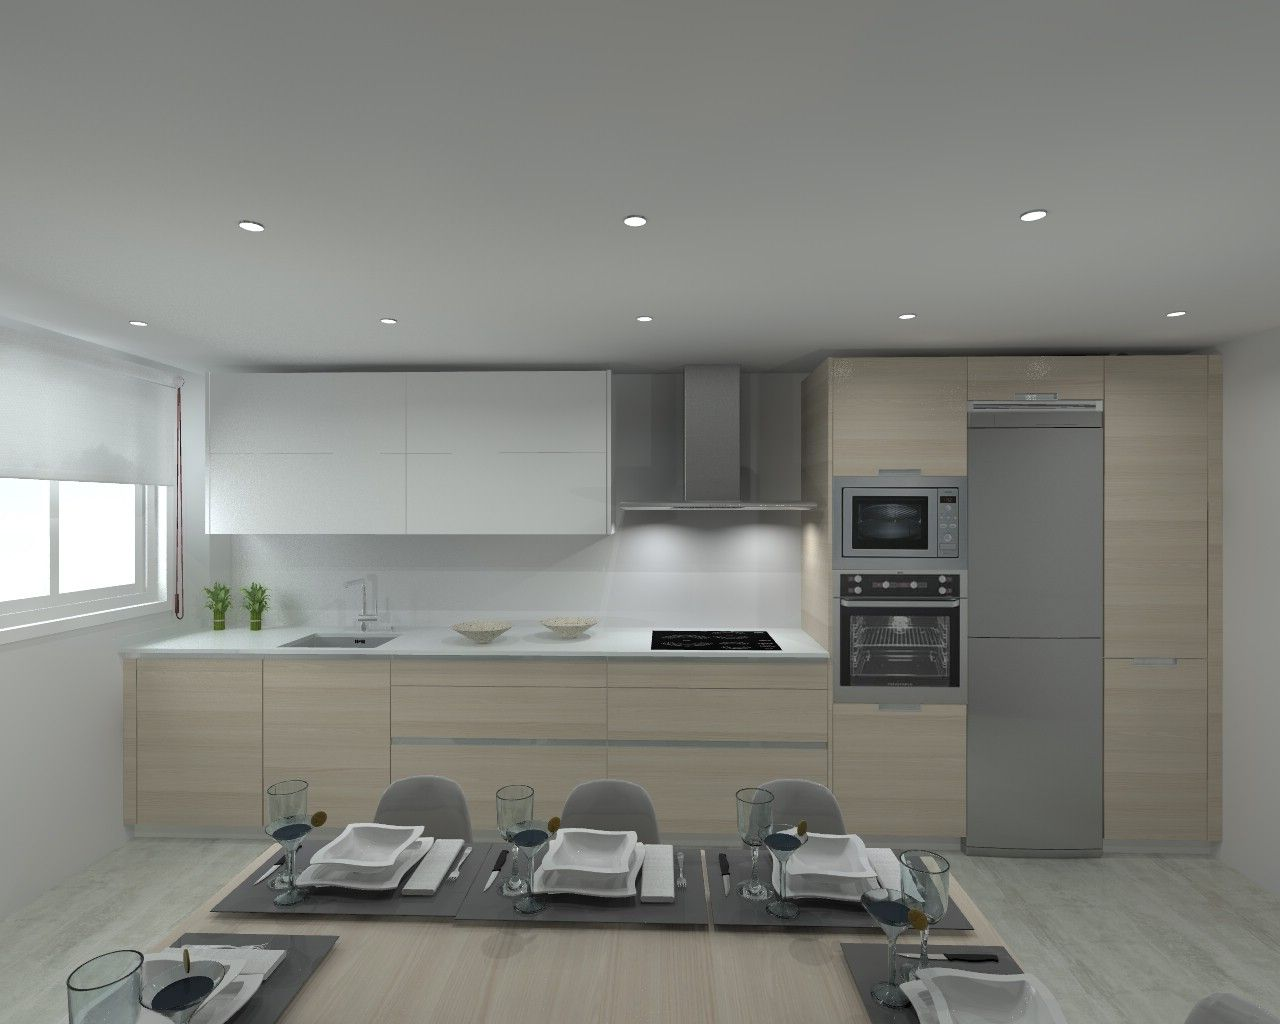 Modelo line e encimera silestone cocinas pinterest for Modelos cocinas integrales modernas